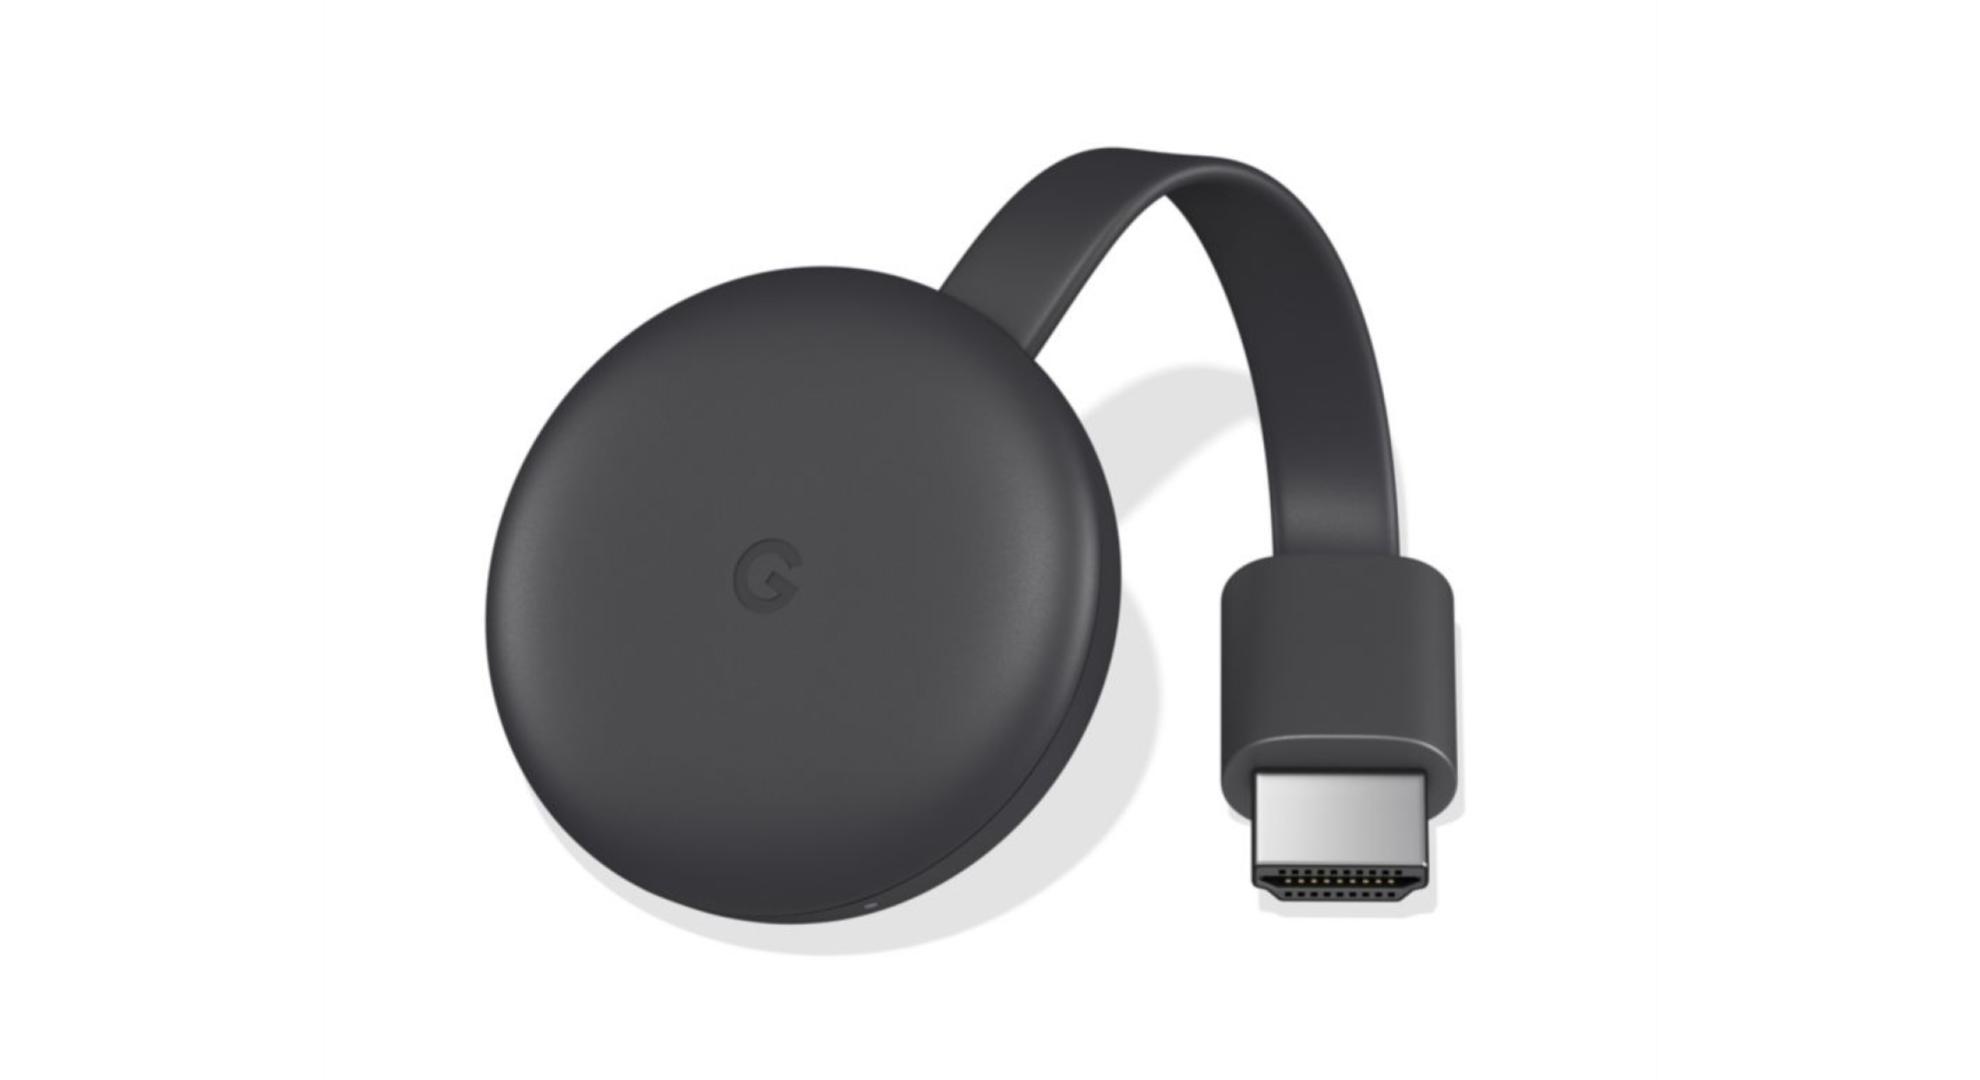 Rarement en promotion, le Google Chromecast 3 baisse son prix à 34 euros